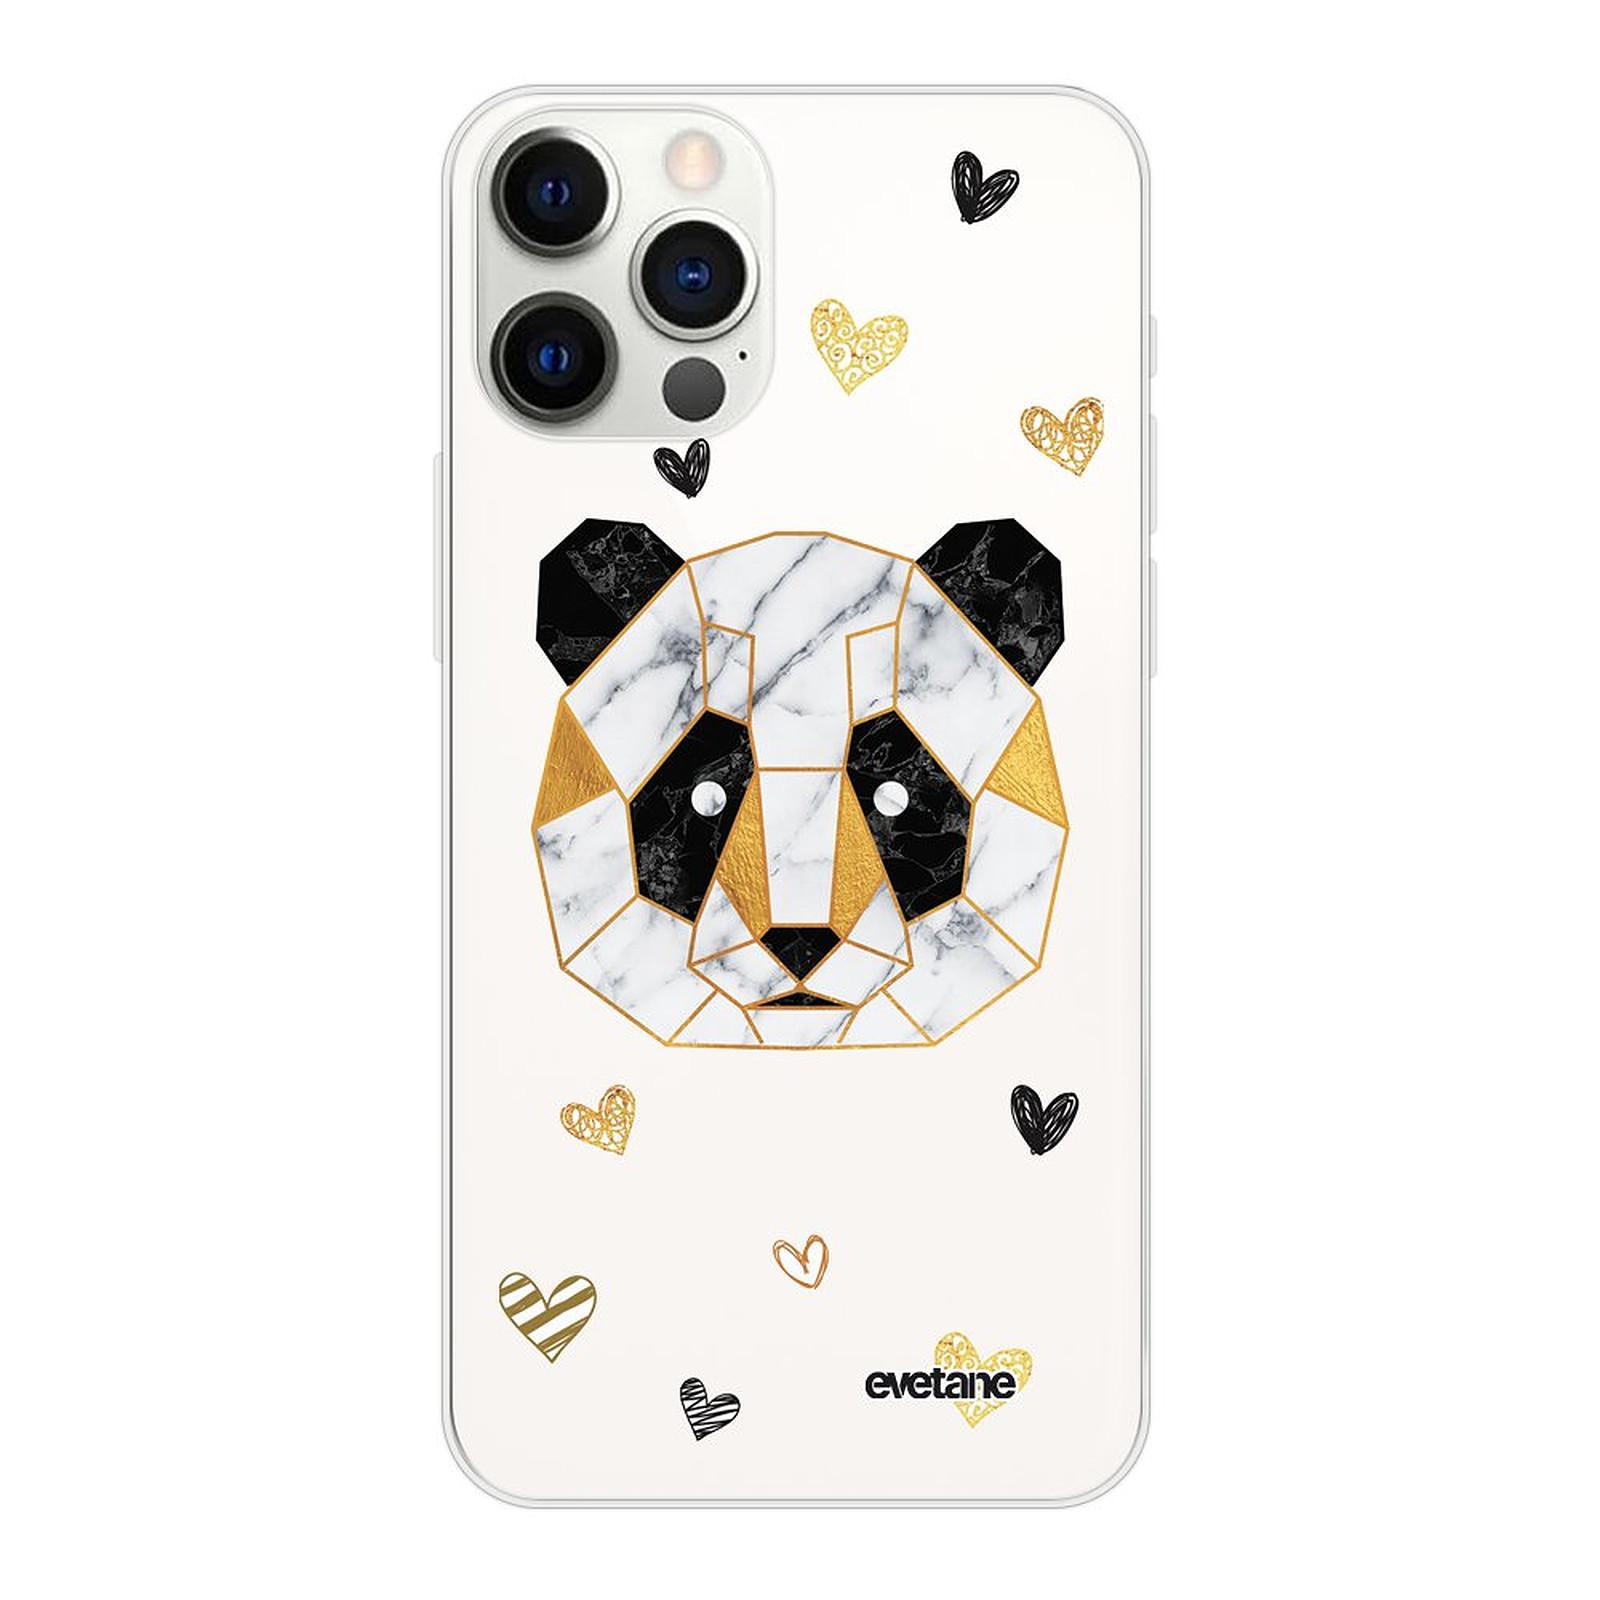 EVETANE Coque iPhone 12 Pro Max souple transparente Panda Géométrique - Coque téléphone Evetane sur LDLC